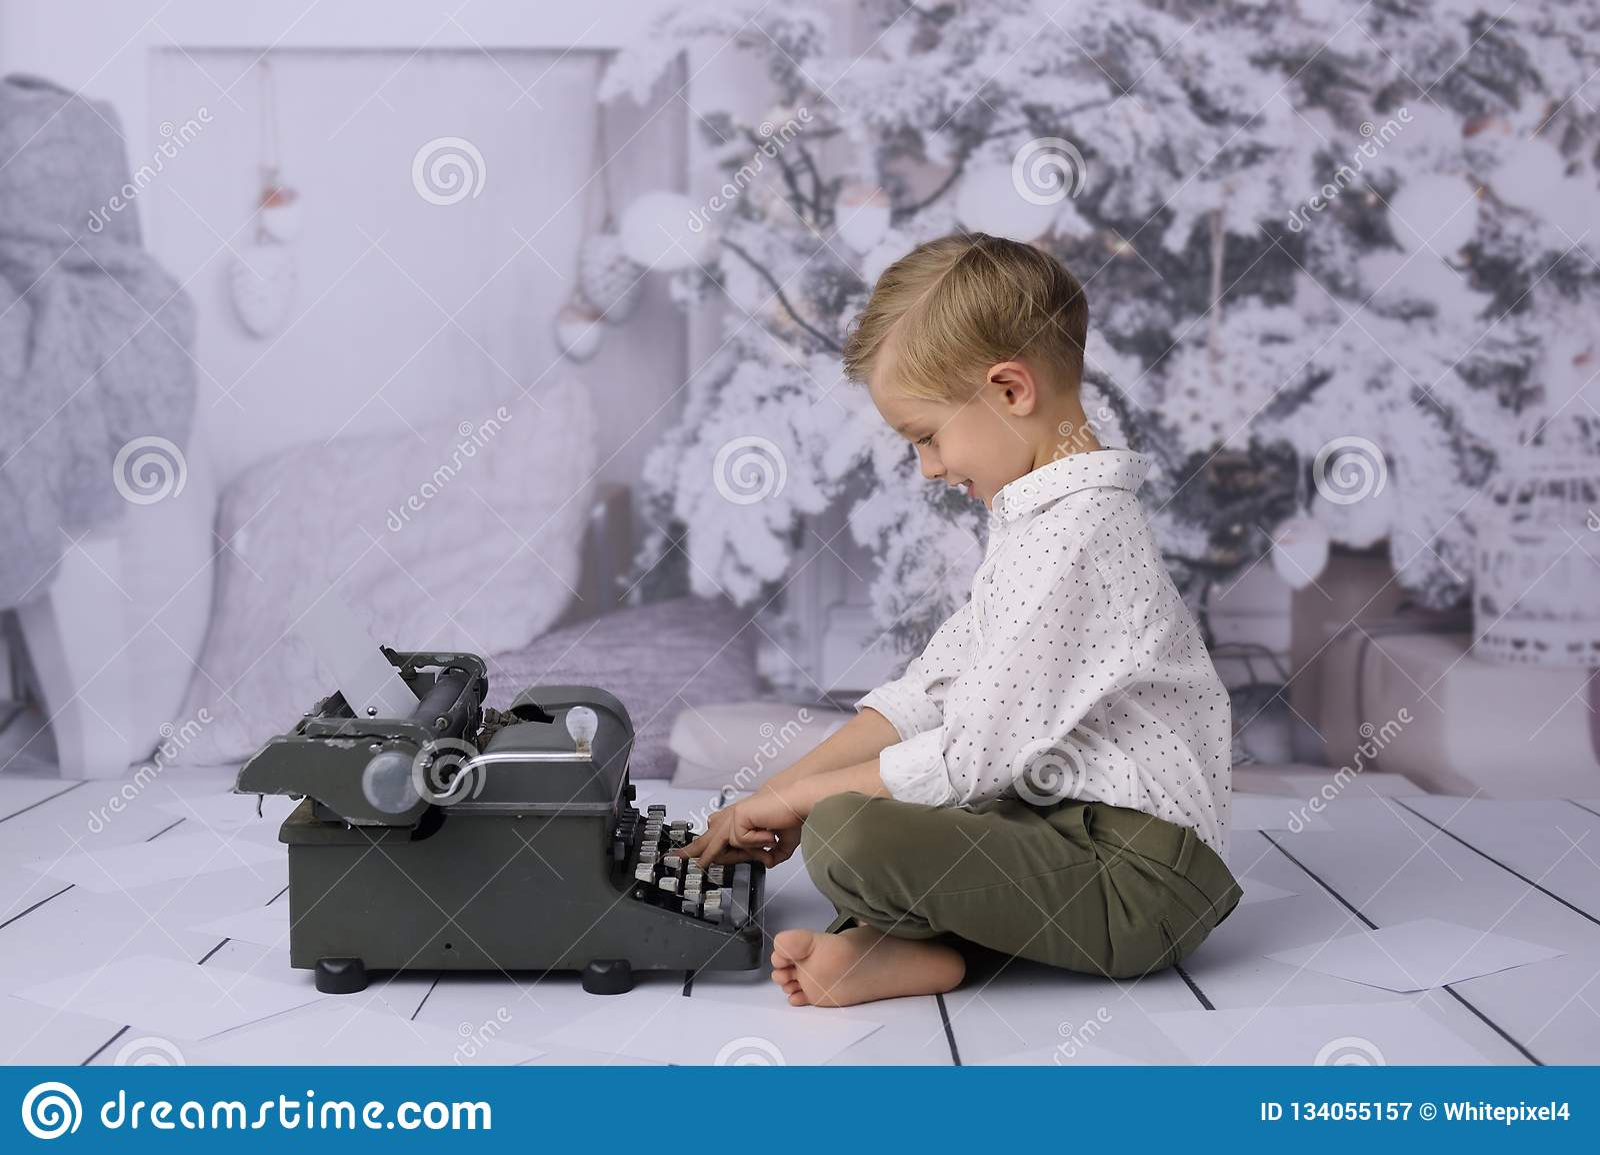 Una carta a Papá Noel Una carta a Papá Noel Un niño feliz escribe una lista de regalo